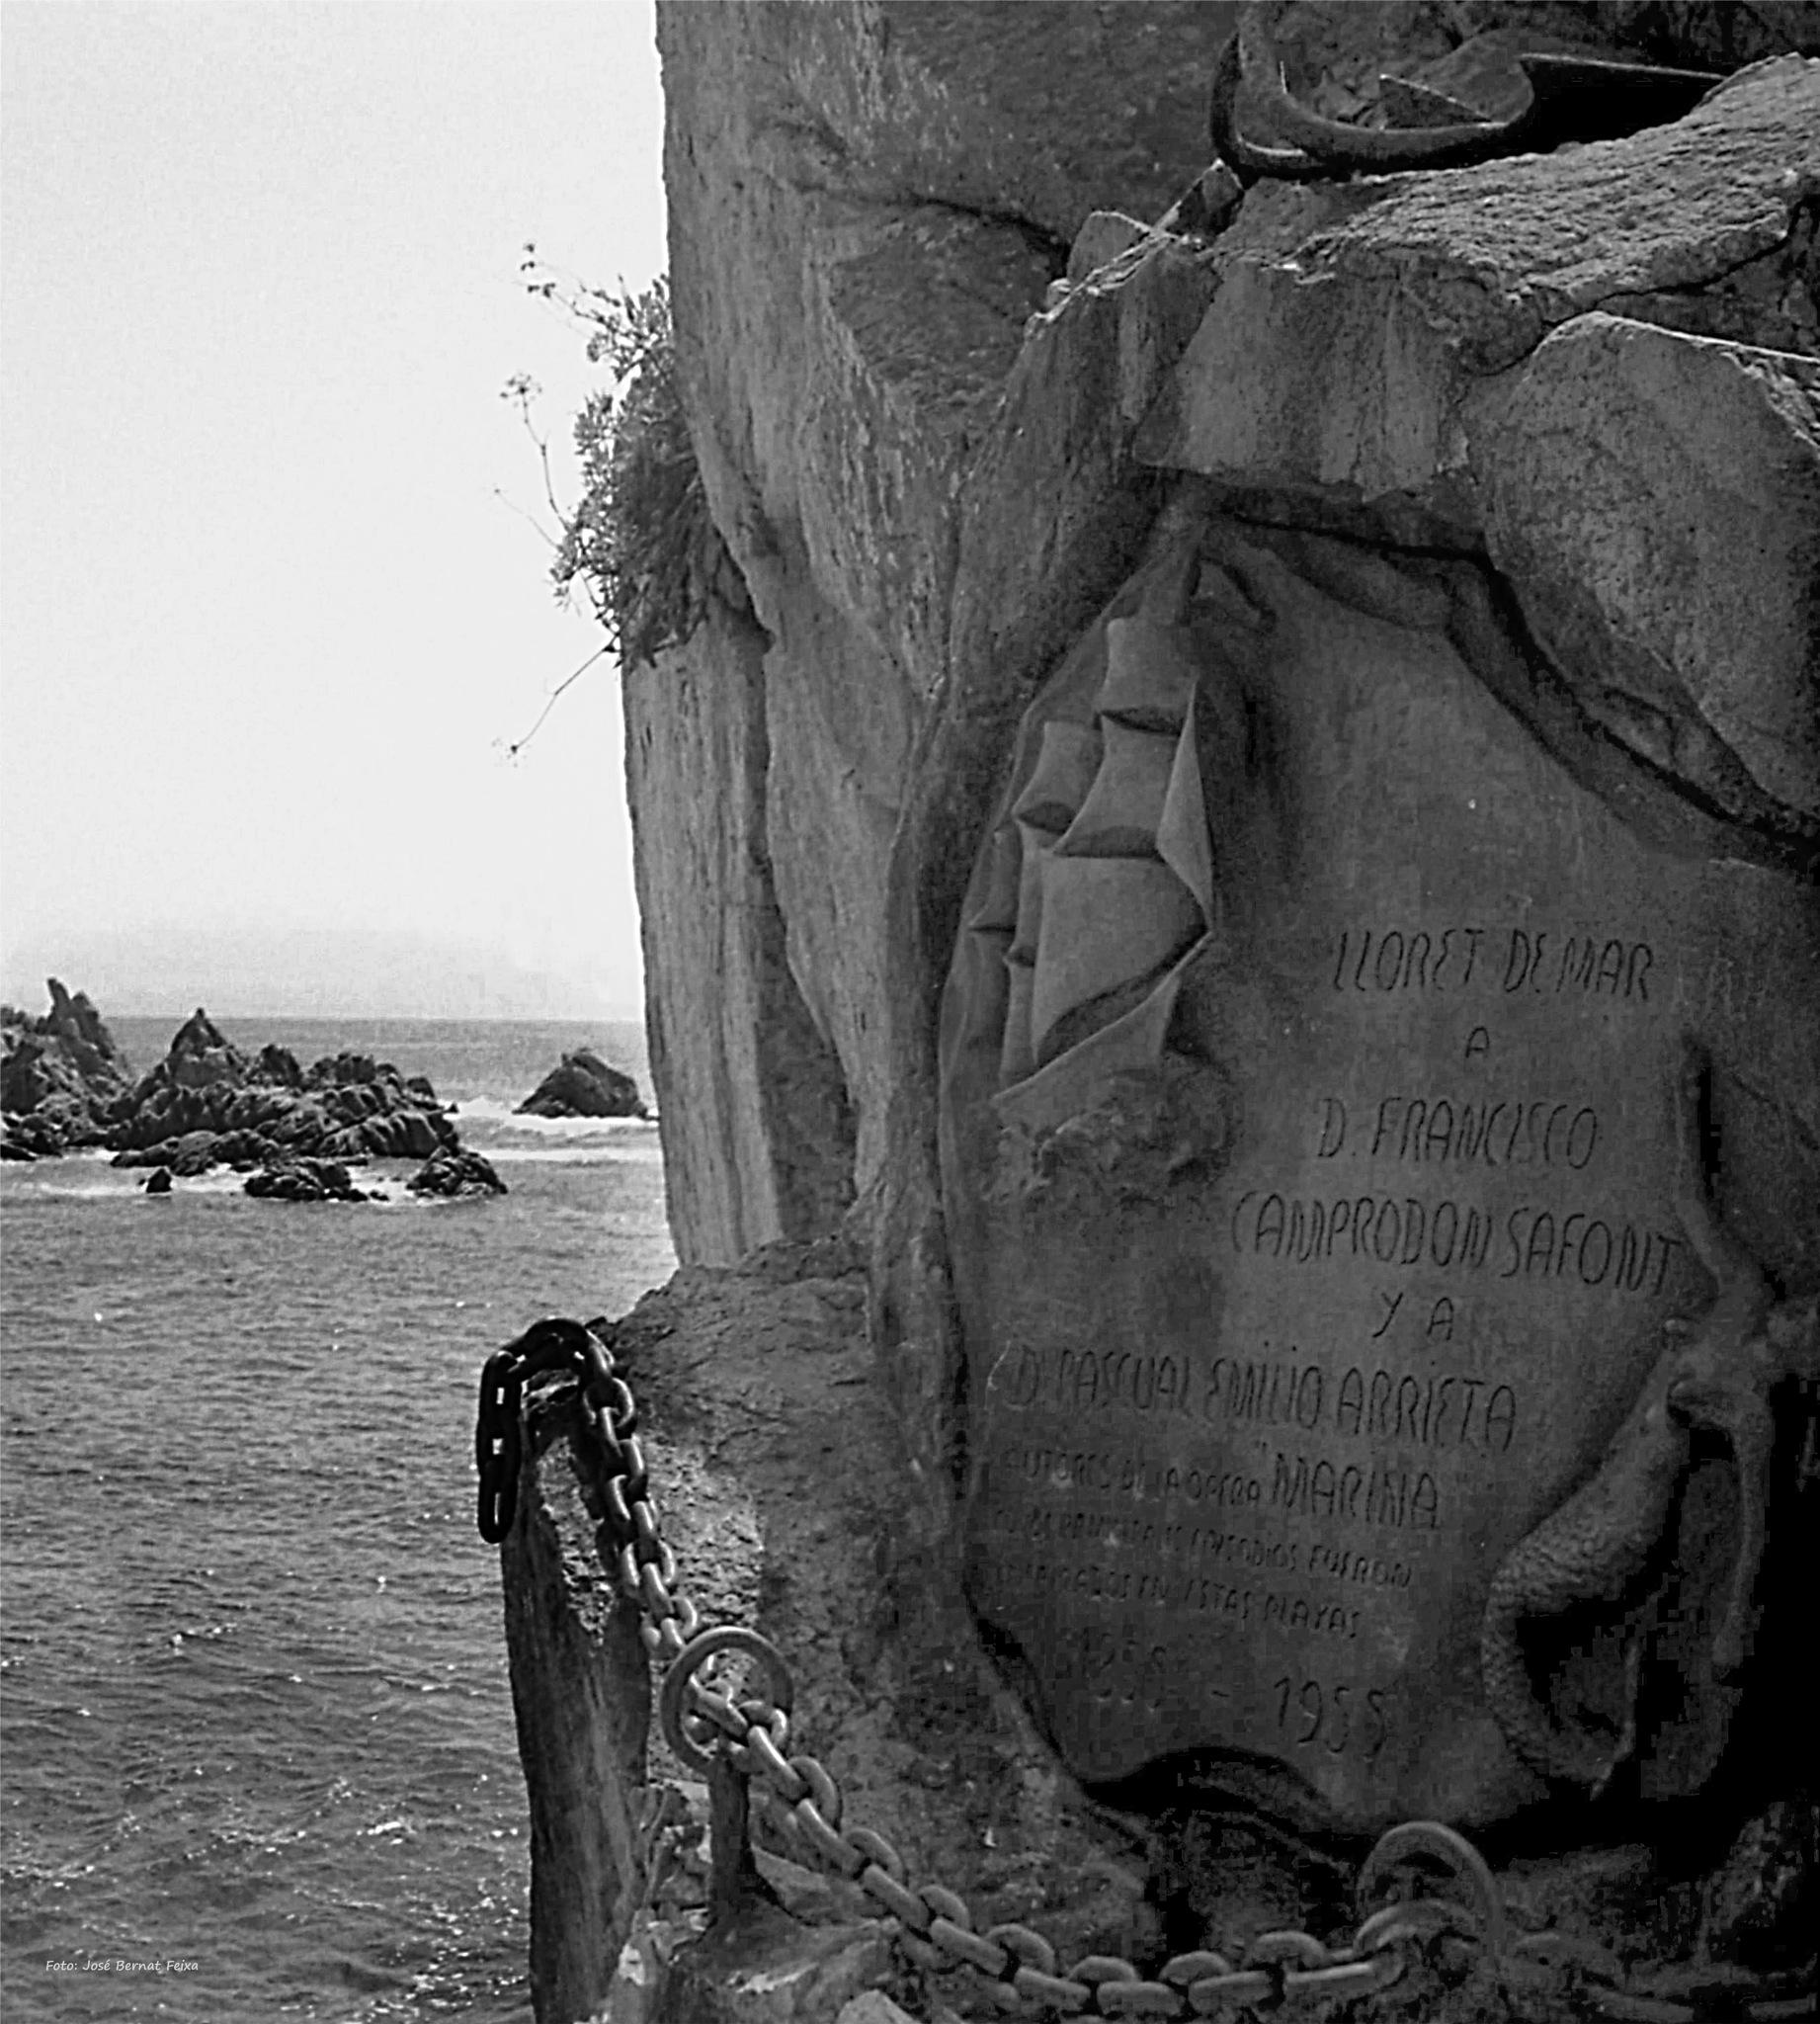 PIEDRA CONMEMORATIVA ; GEDENKSTEEN ; MEMORIAL STONE by José Bernat Feixa